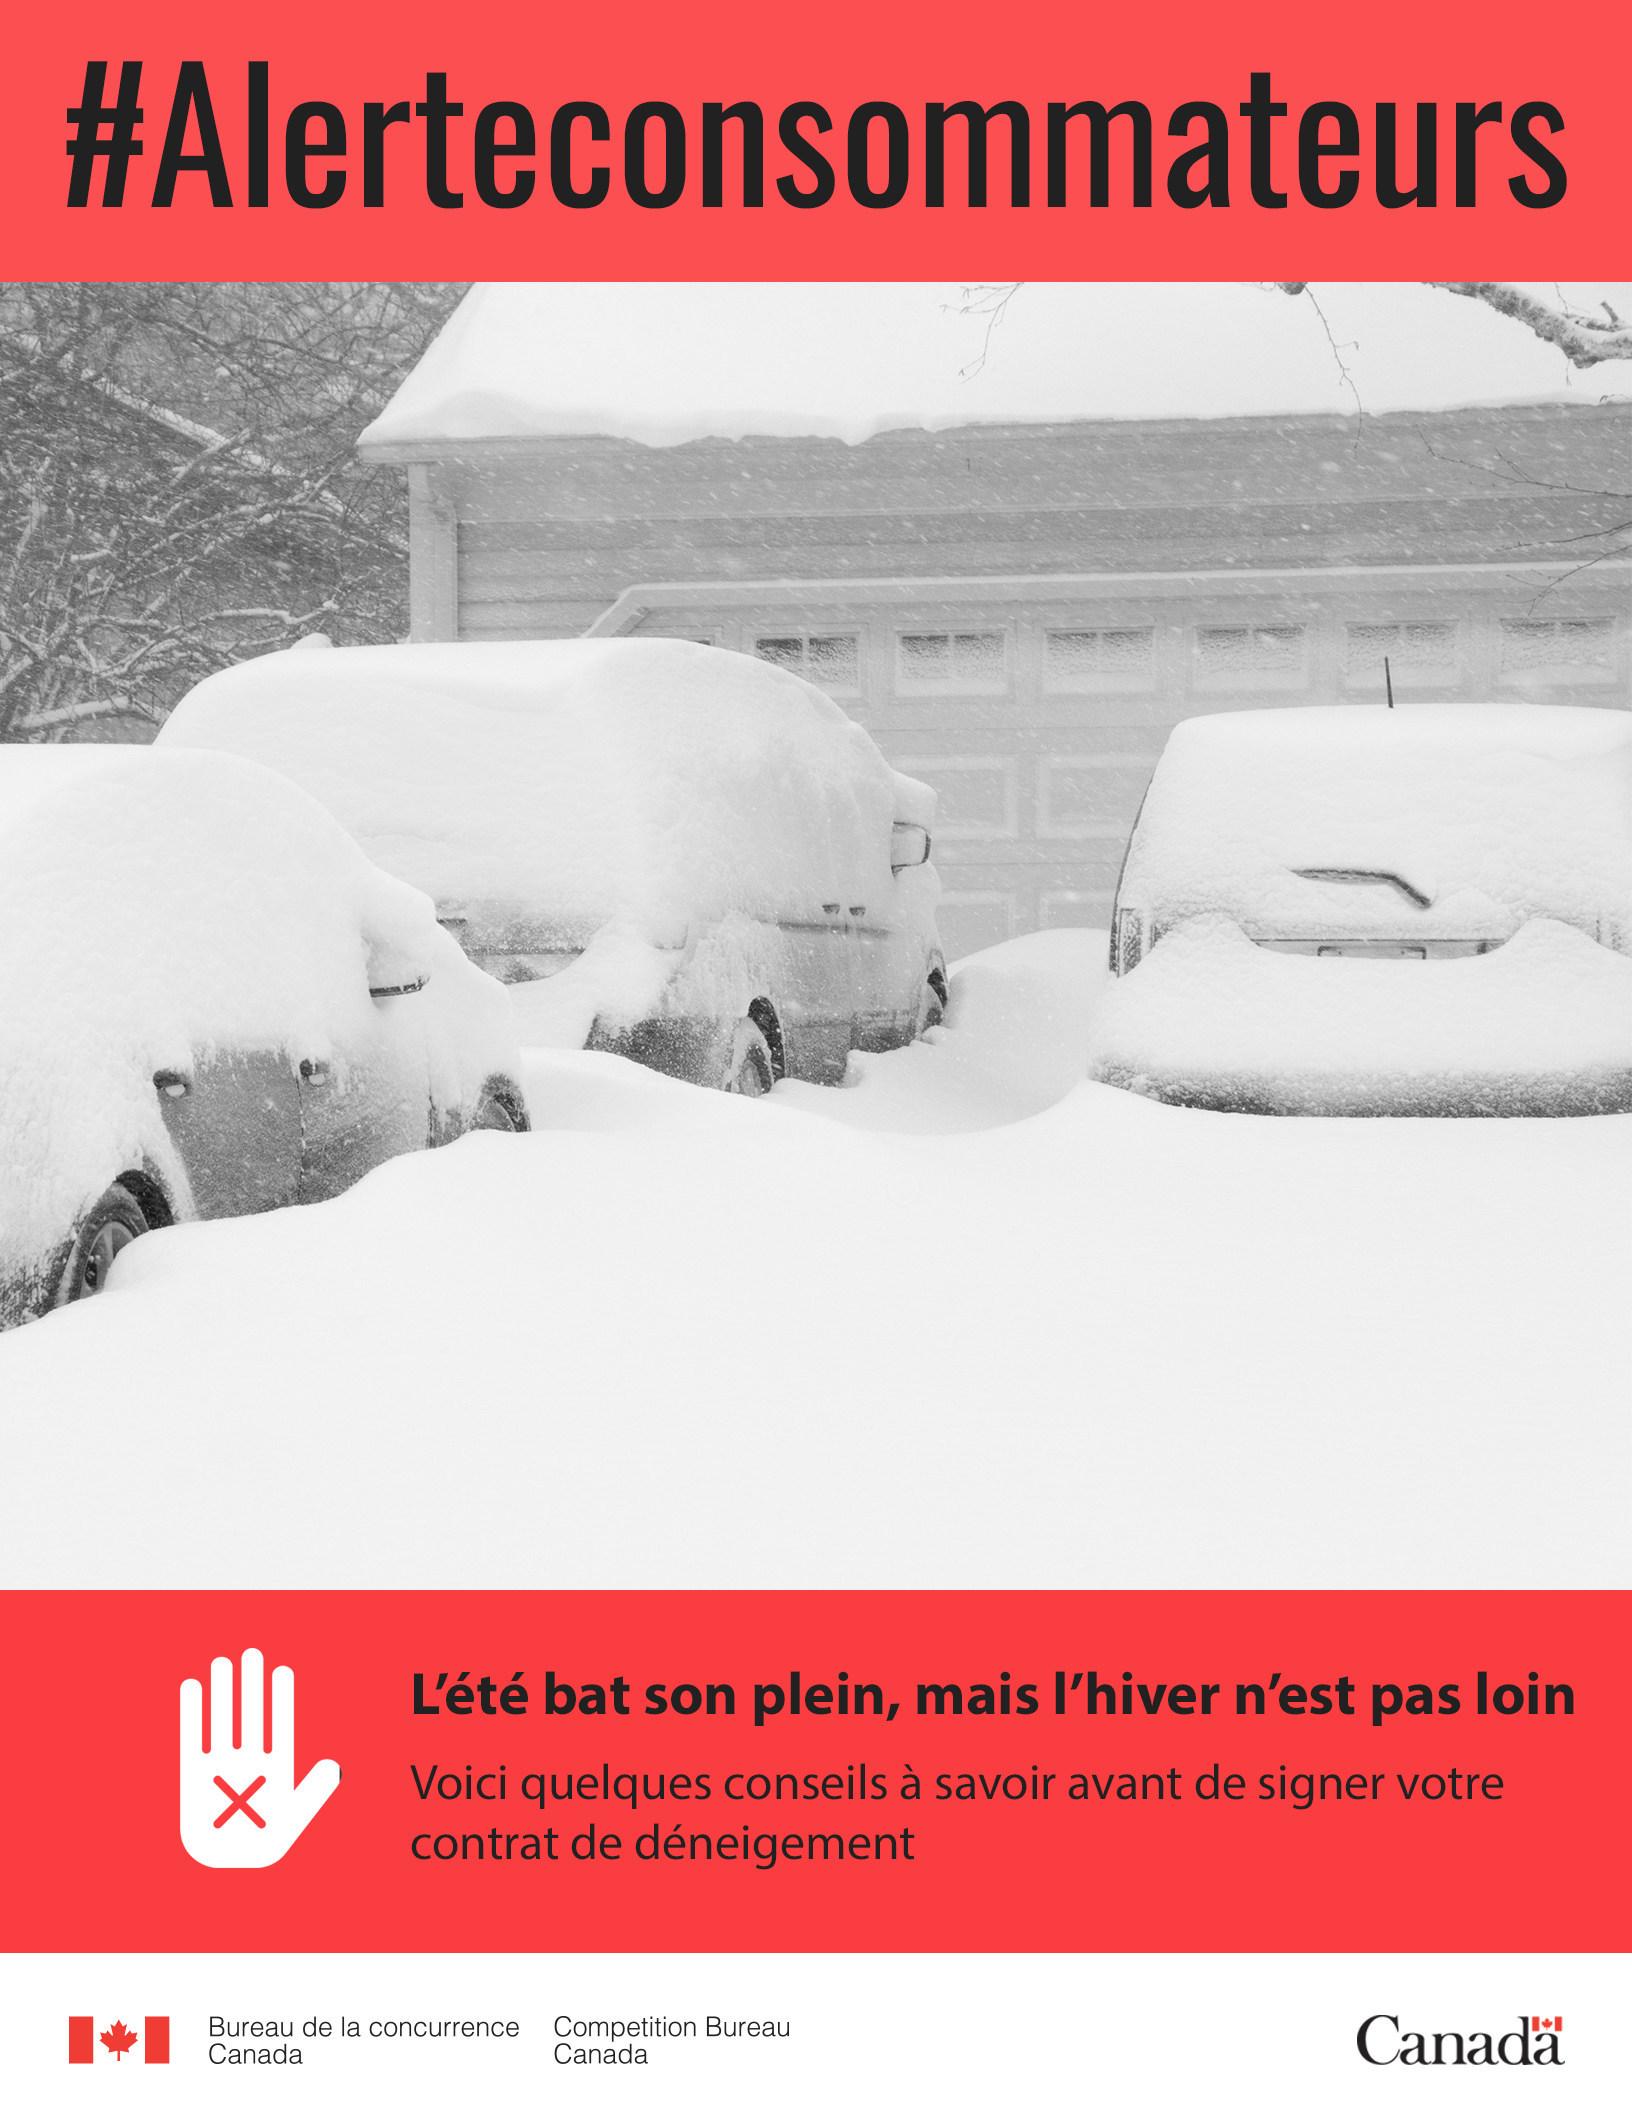 alerte aux consommateurs l 39 t bat son plein mais l 39 hiver n 39 est pas loin. Black Bedroom Furniture Sets. Home Design Ideas